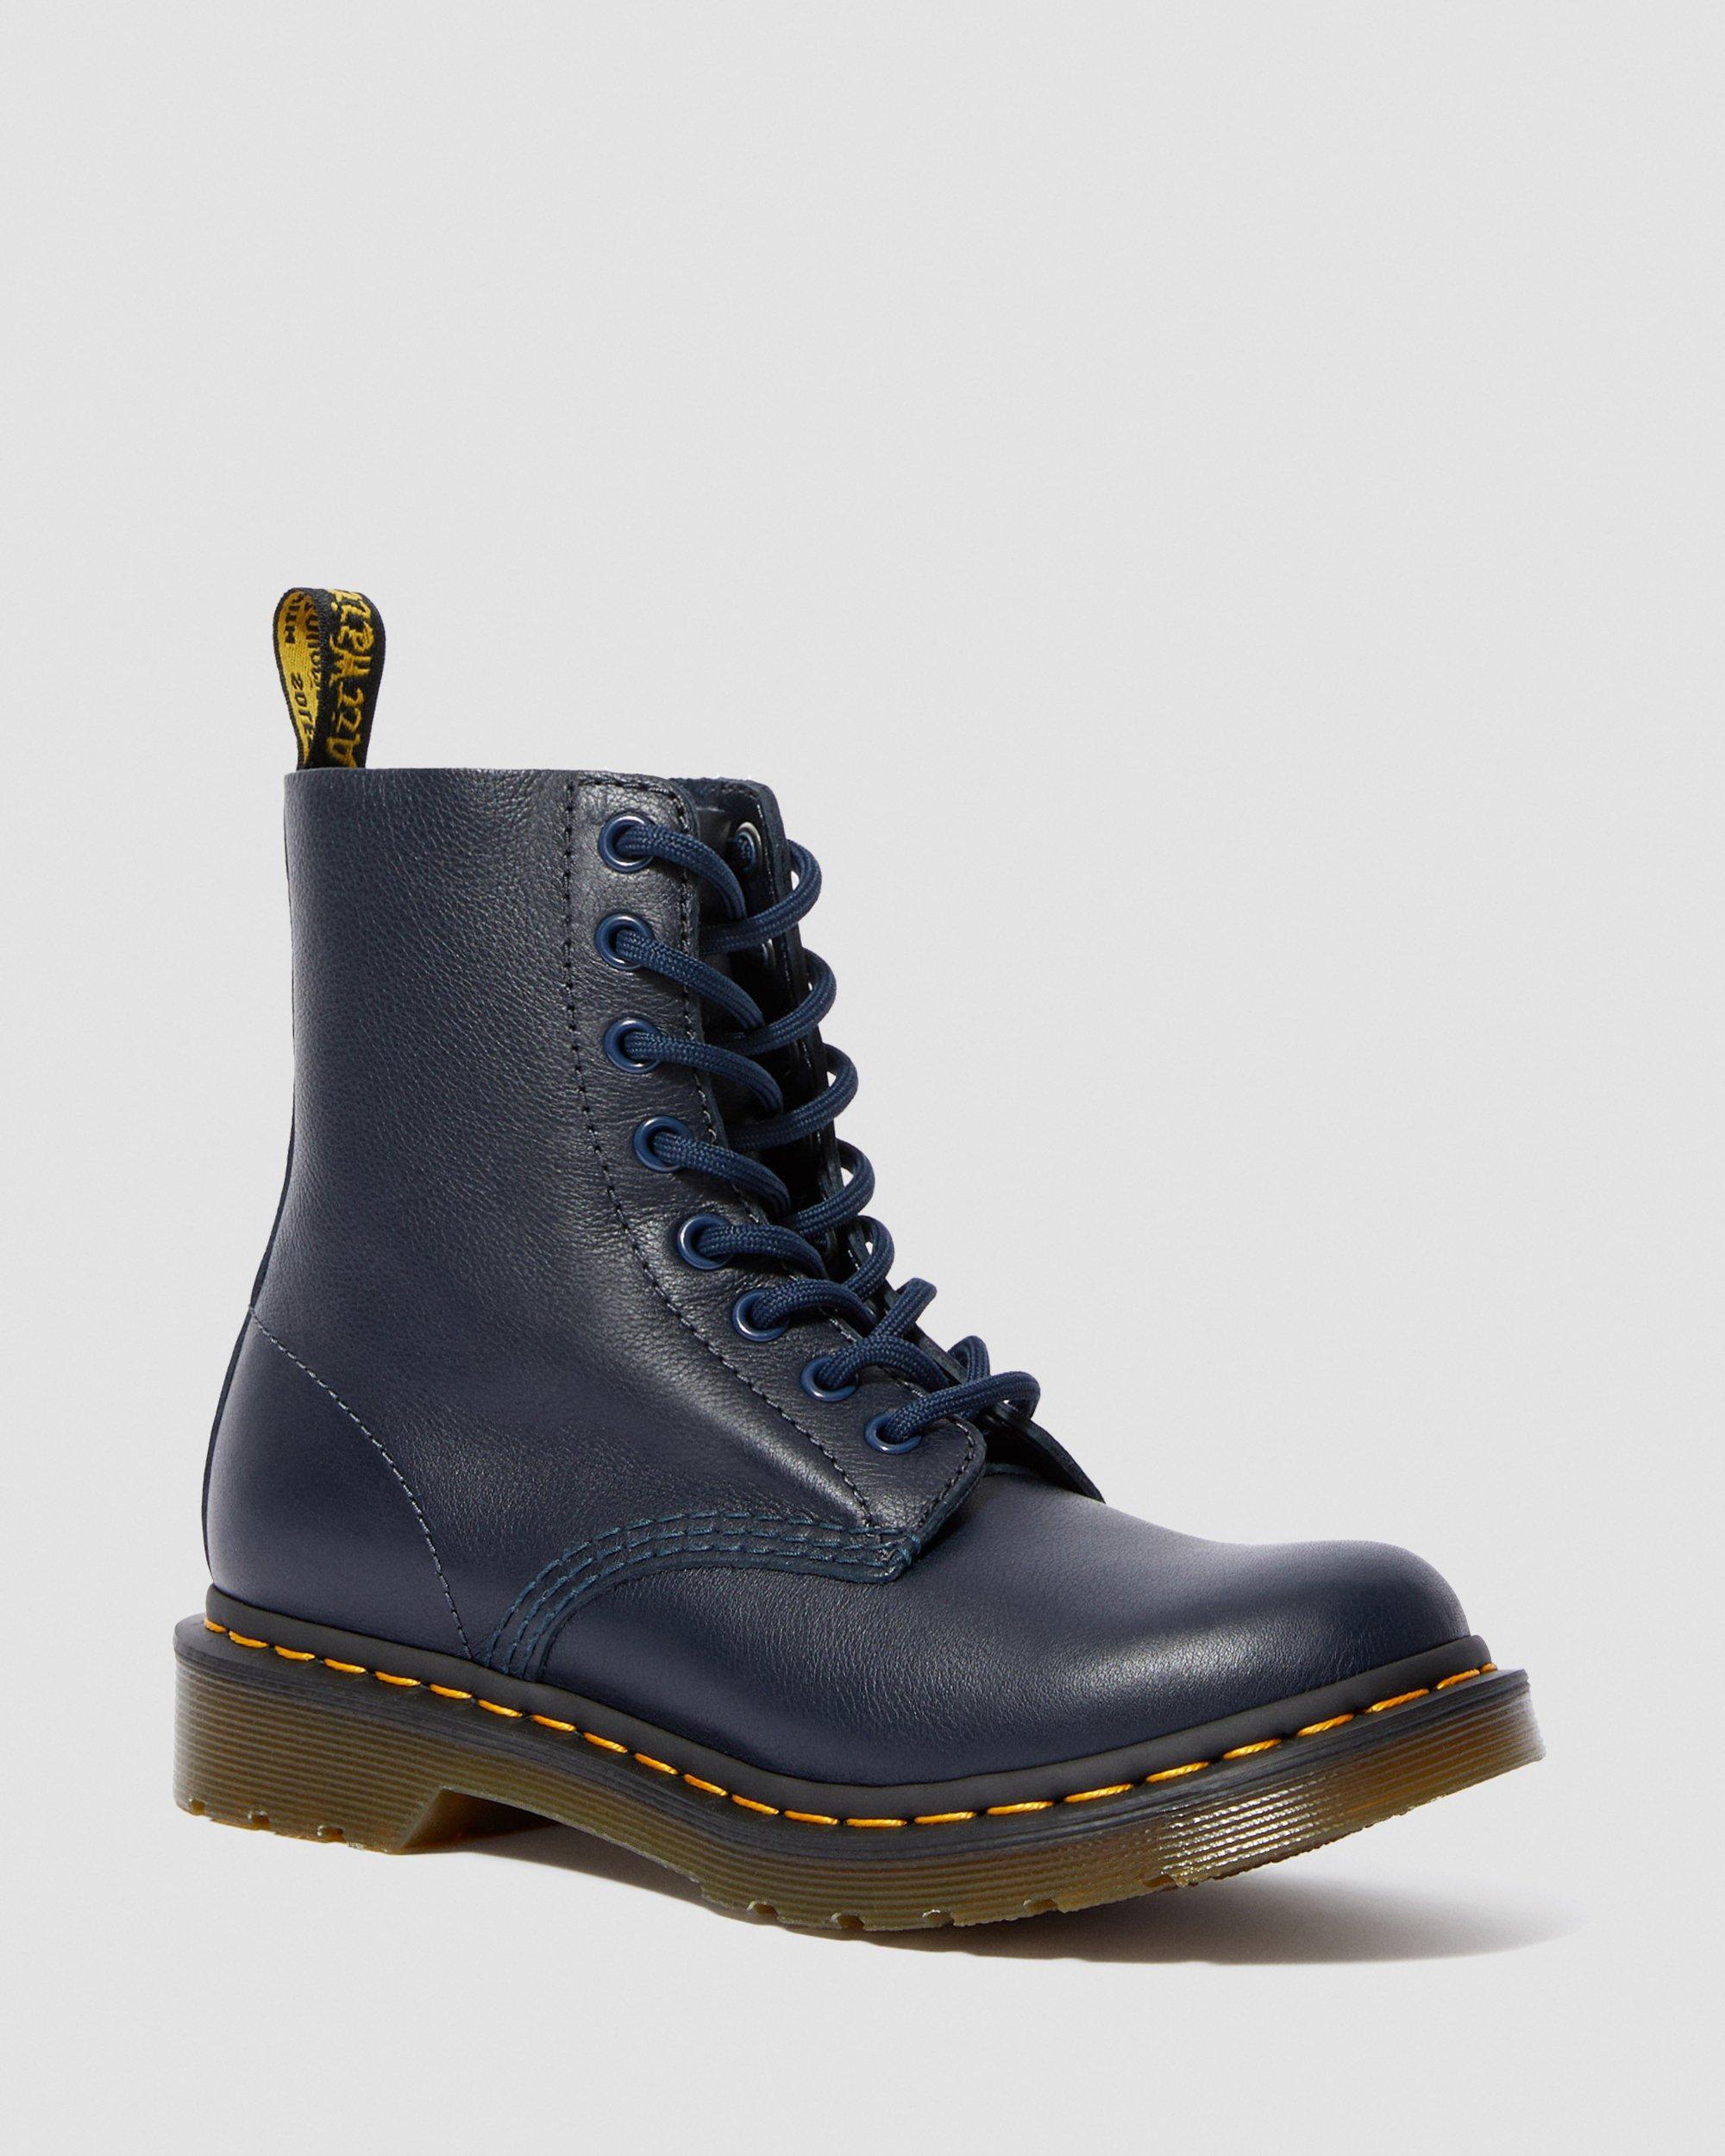 1460 PASCAL VIRGINIA | Damen Schuhe, Kleidung, Rucksäcke